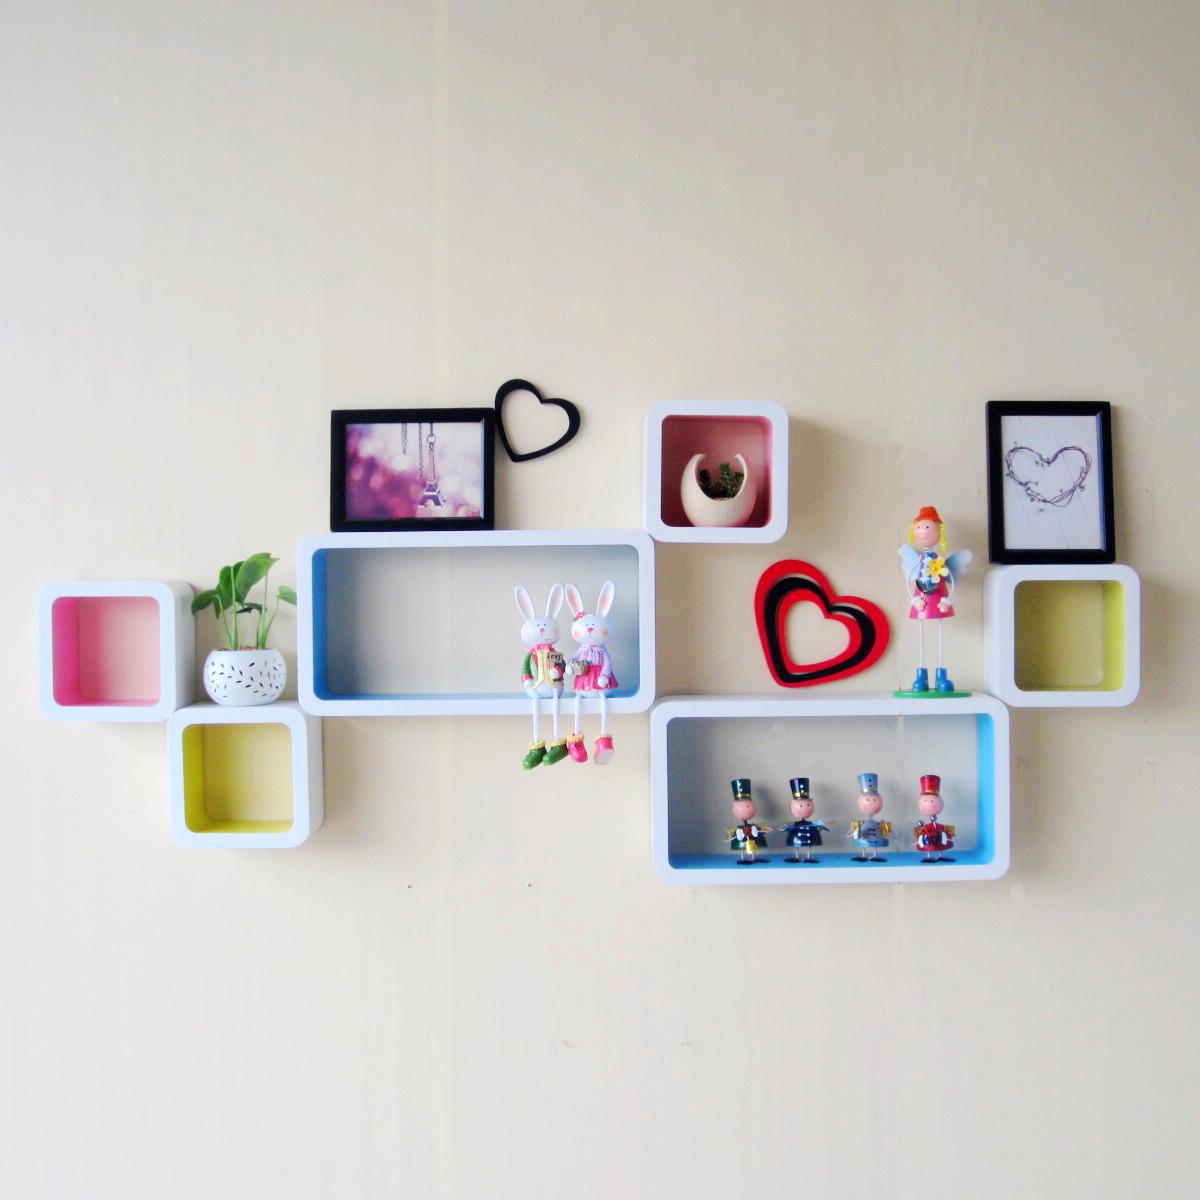 TV Hanging Wall Shelf